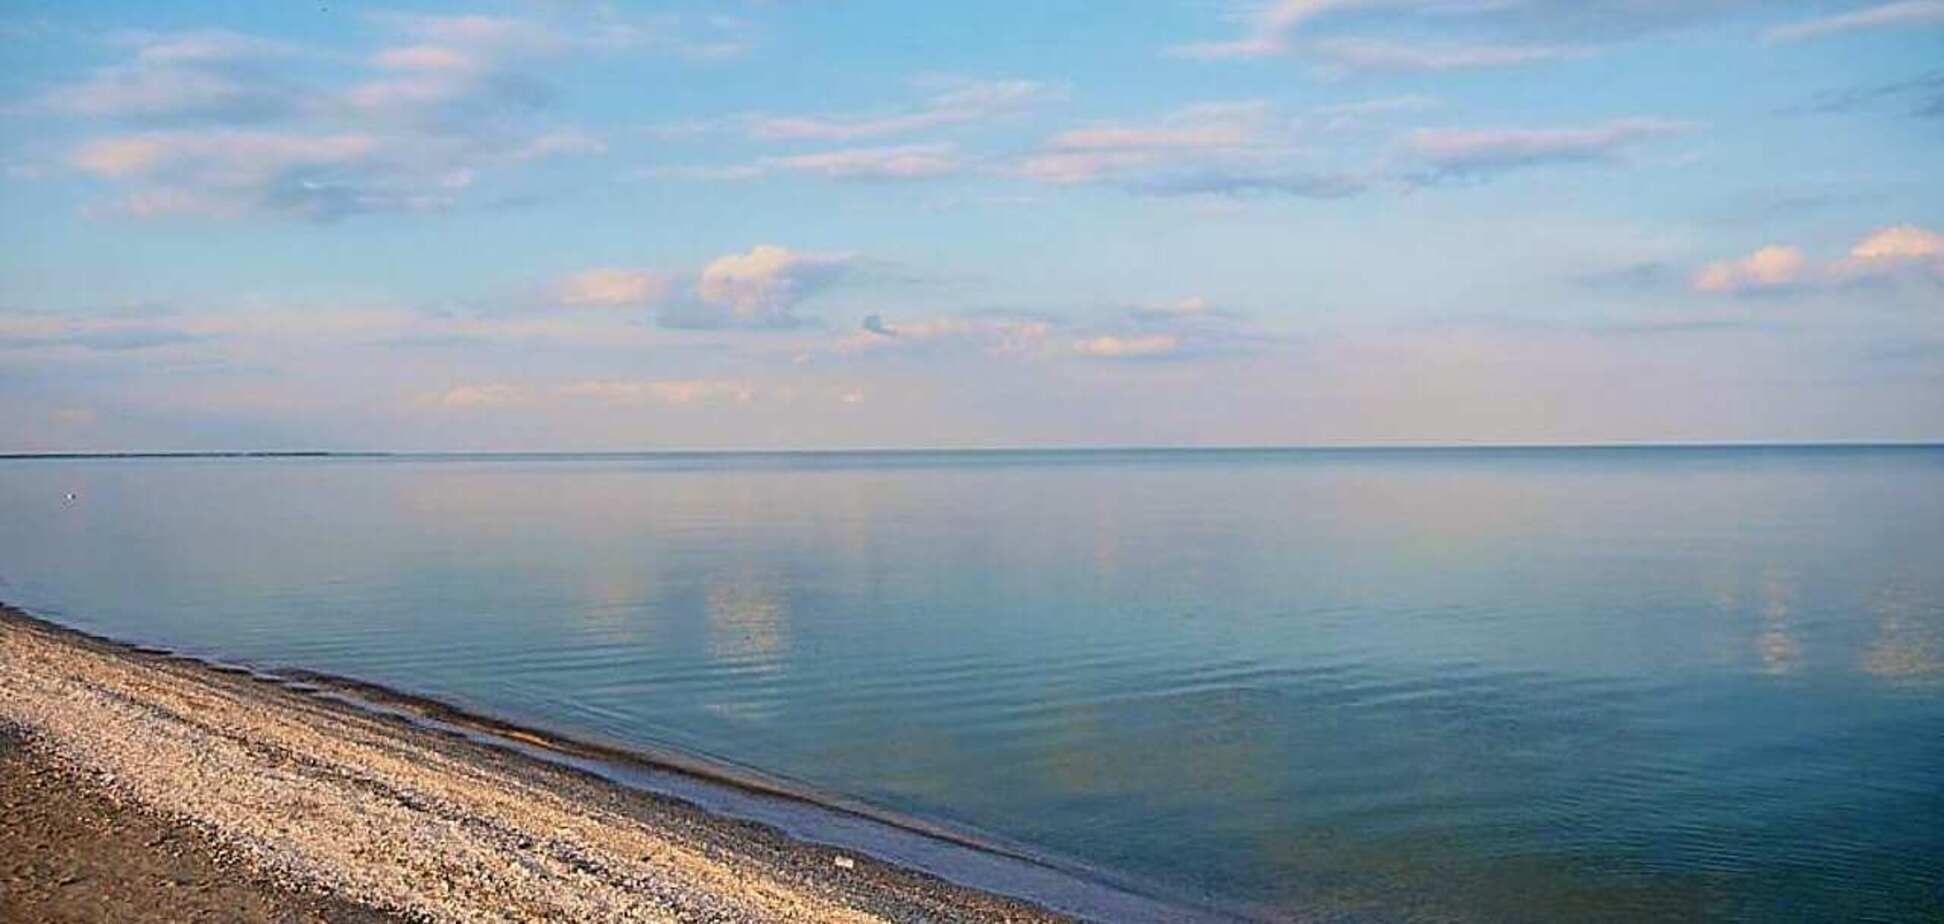 Запасов пресной воды под Азовским морем  для Крыма недостаточно